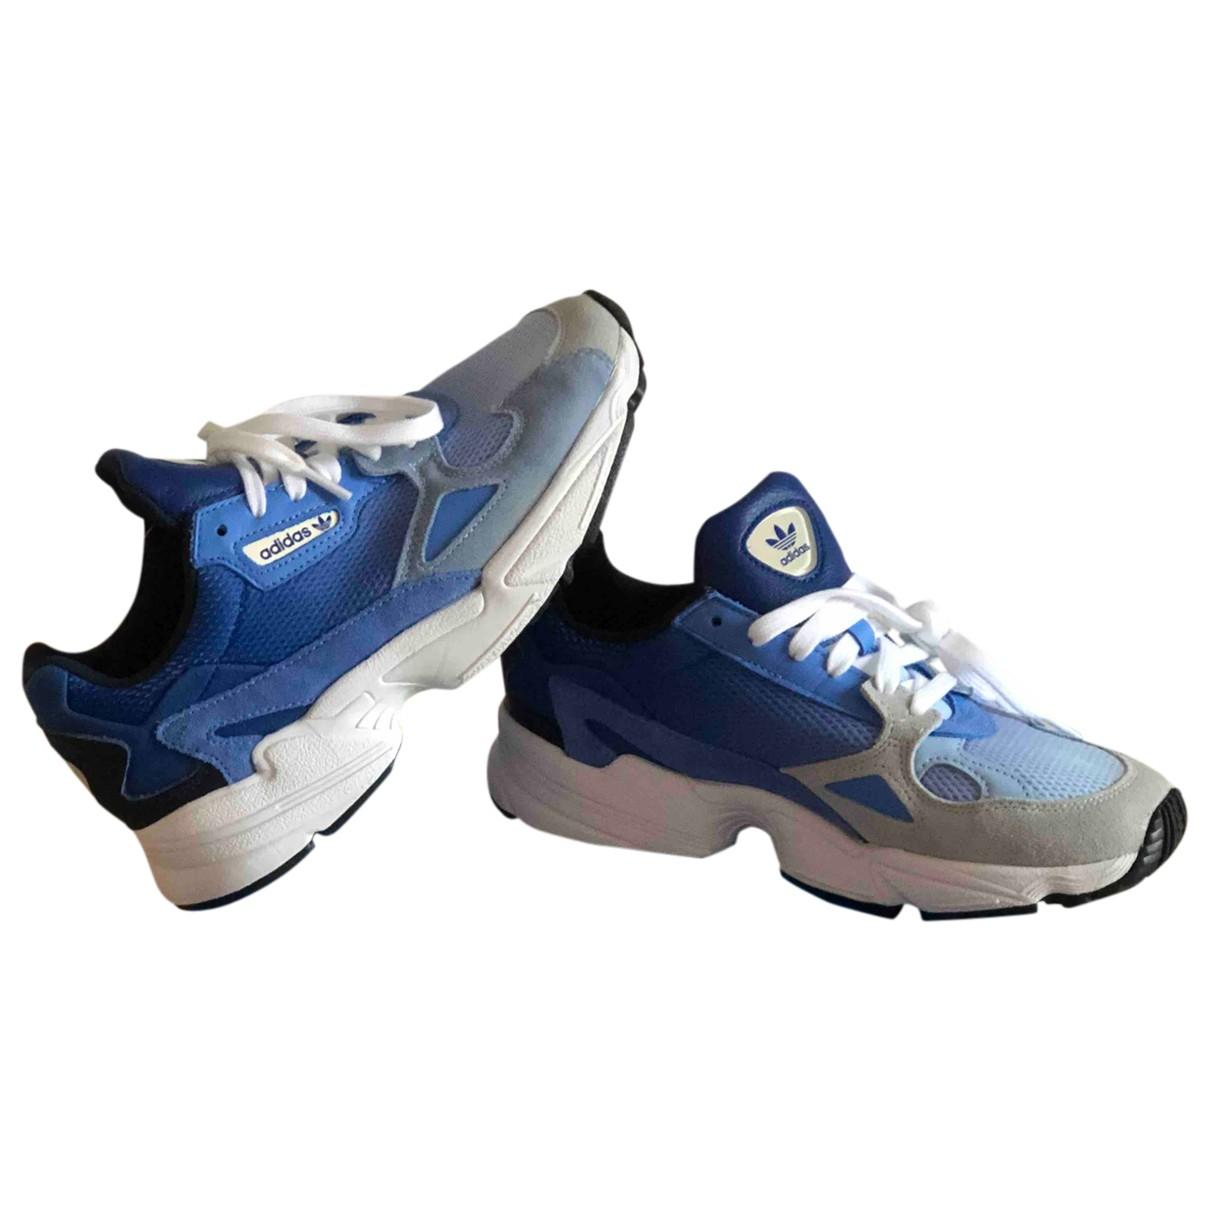 Adidas Falcon Blue Cloth Trainers for Women 38 EU